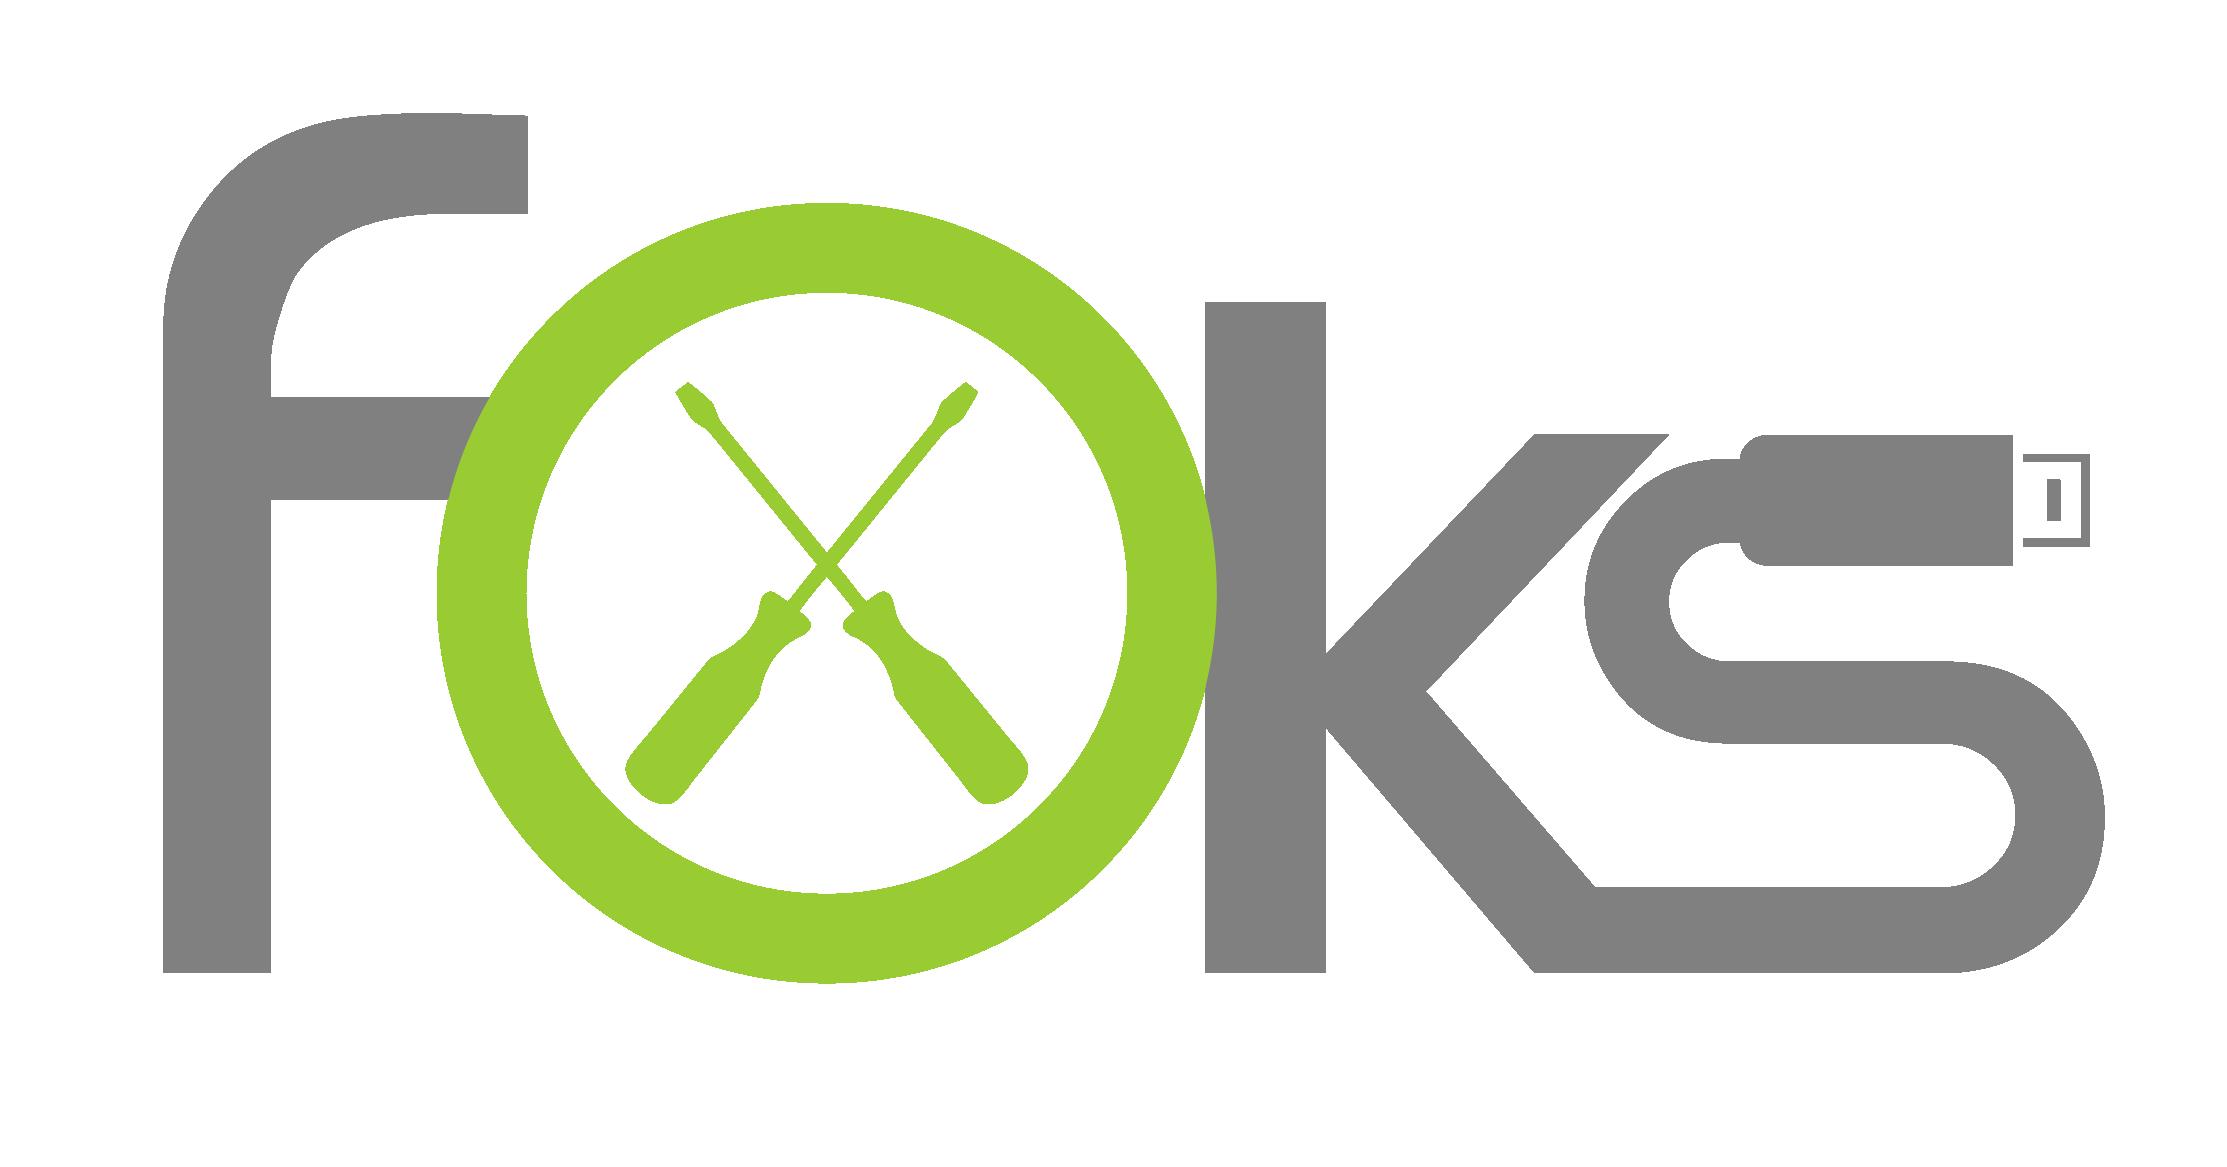 Foks.cz